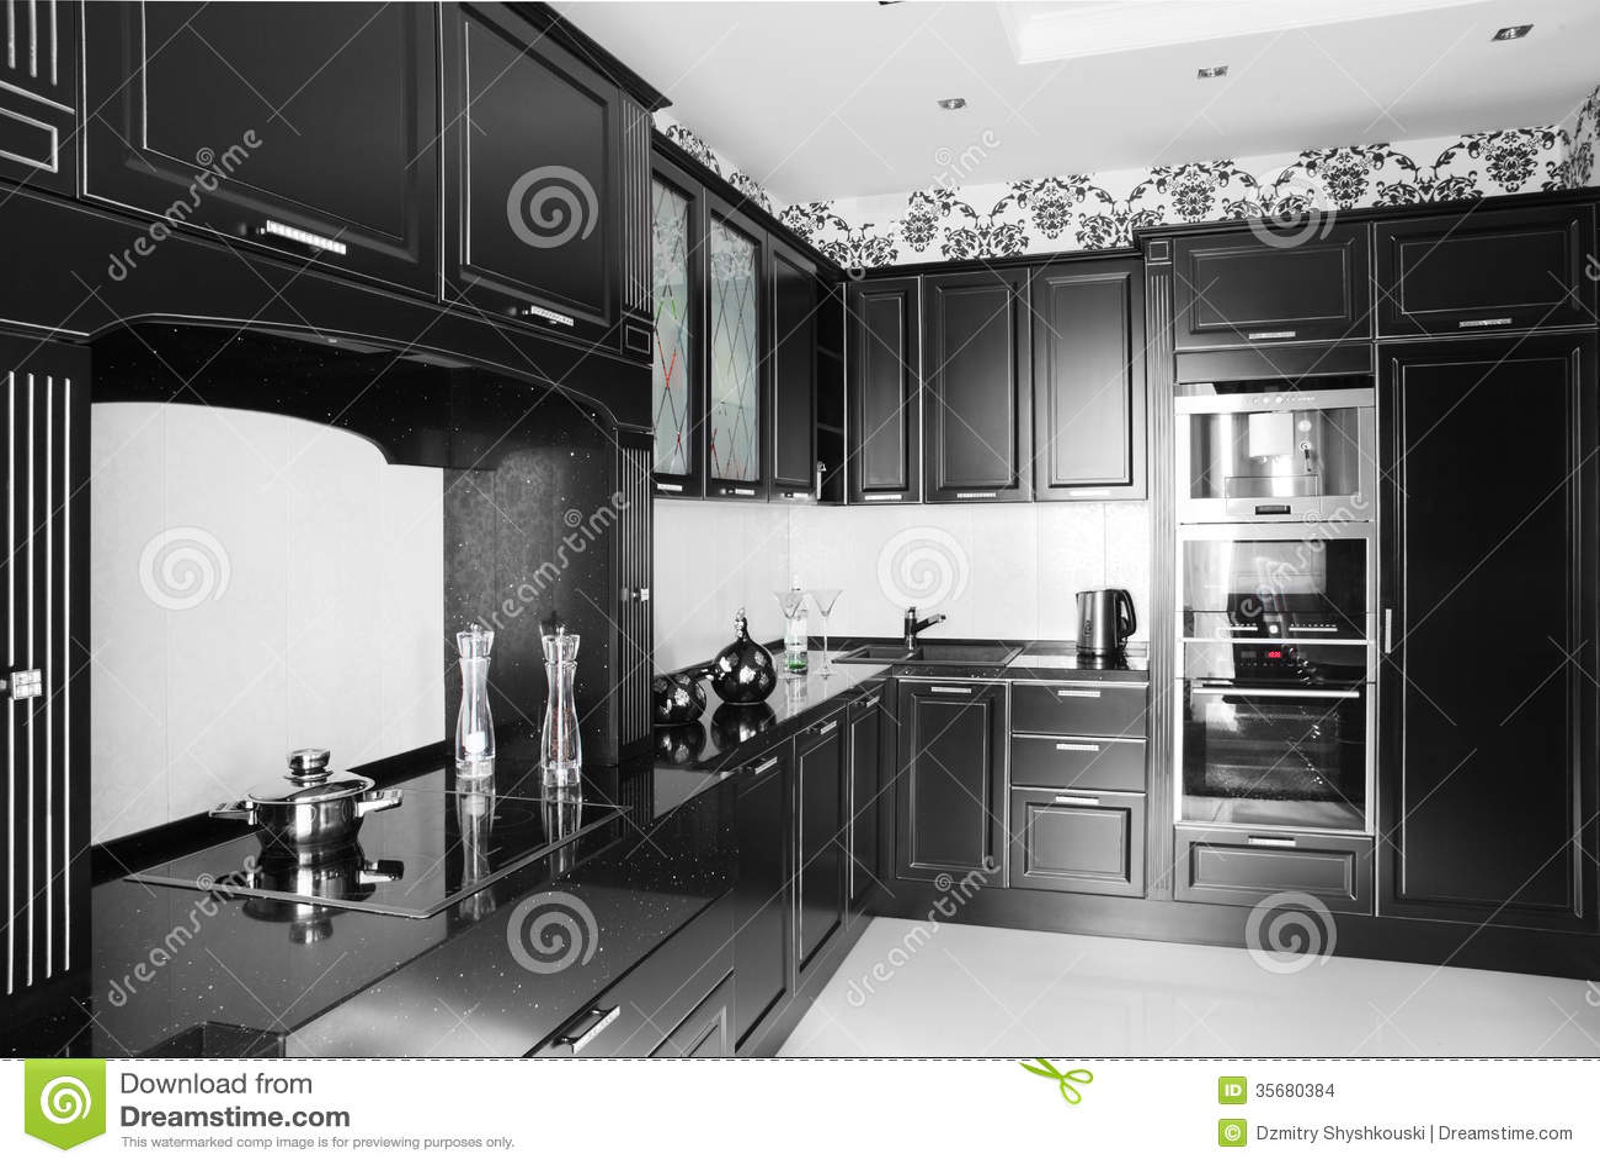 Cocina moderna blanco y negro con muebles elegantes - Cocinas con muebles blancos ...